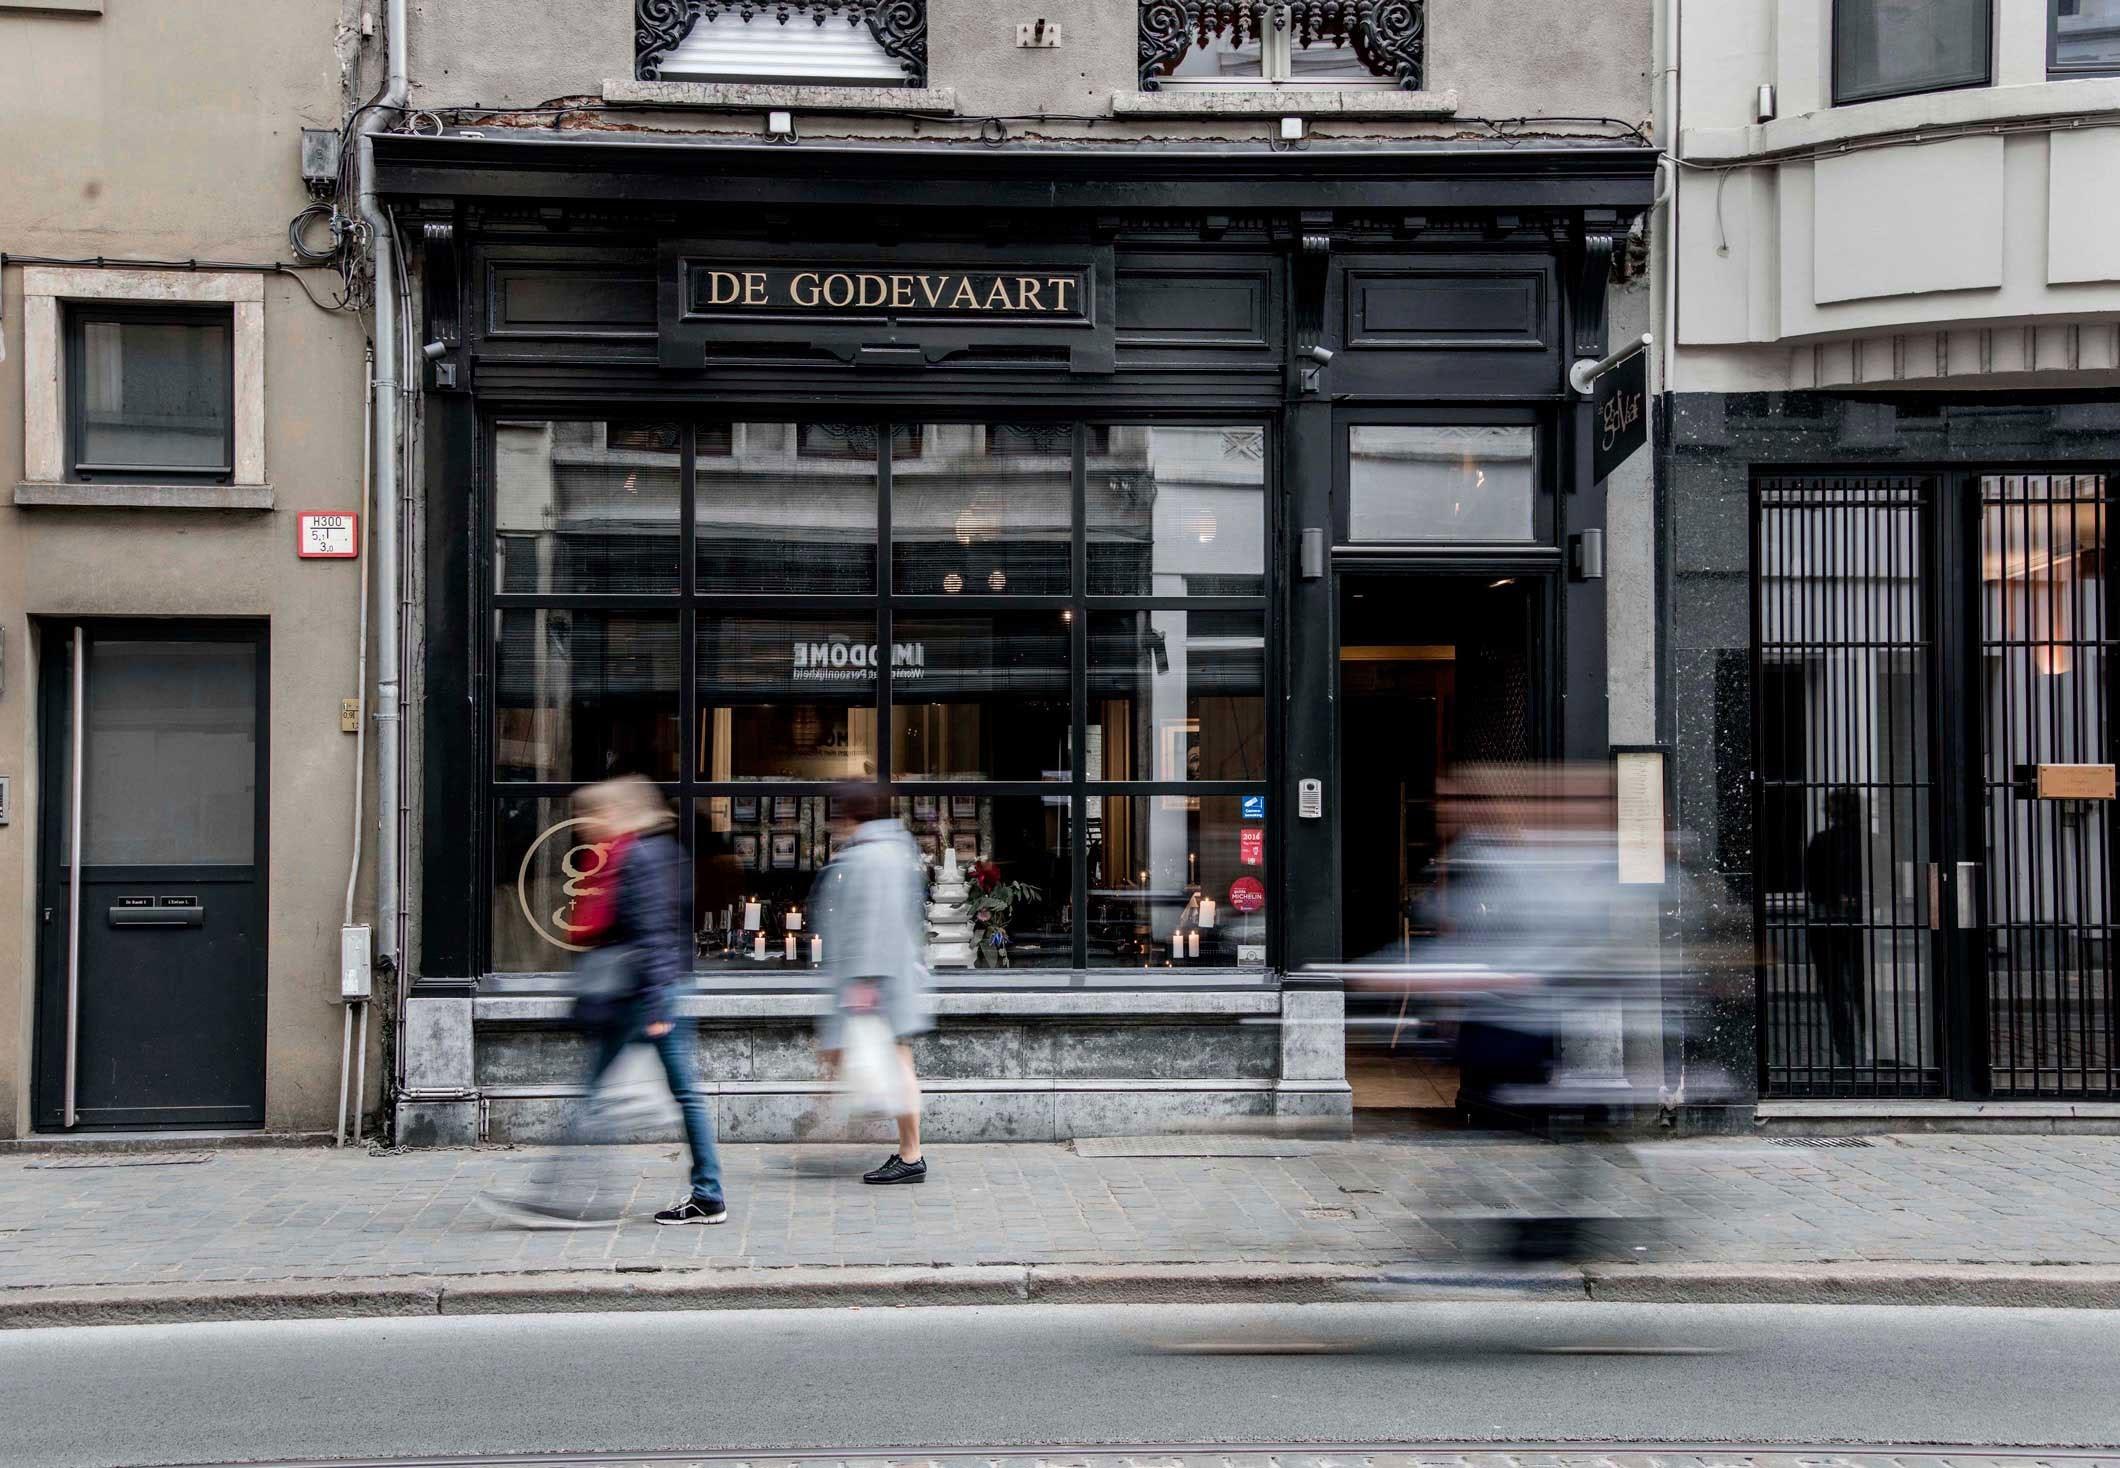 De Godevaart Antwerp